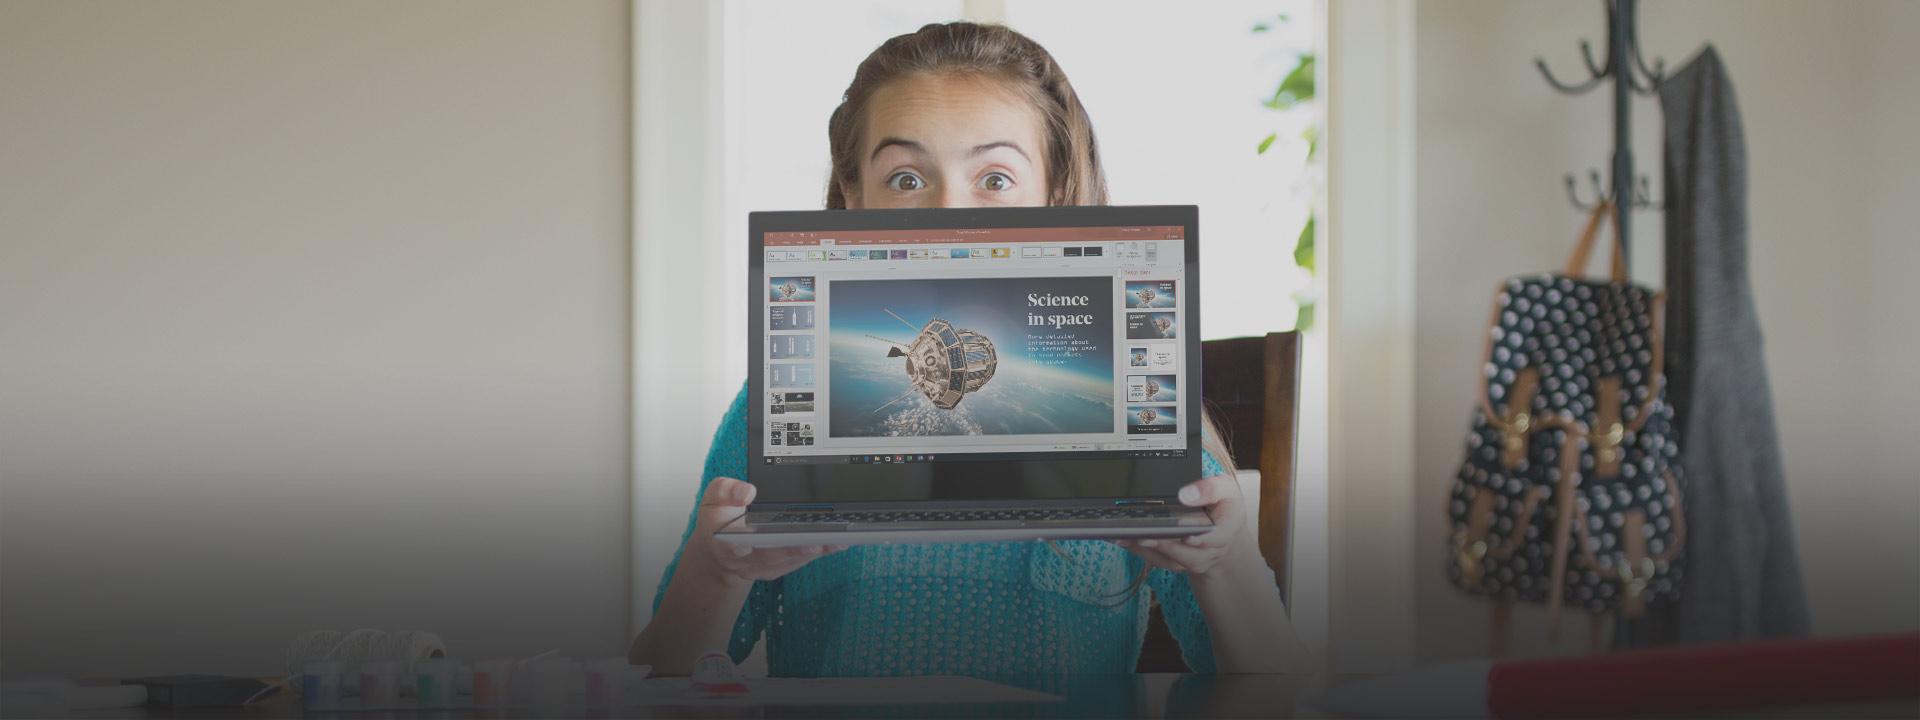 Arvuti, teave tarkvara Office 365 kohta